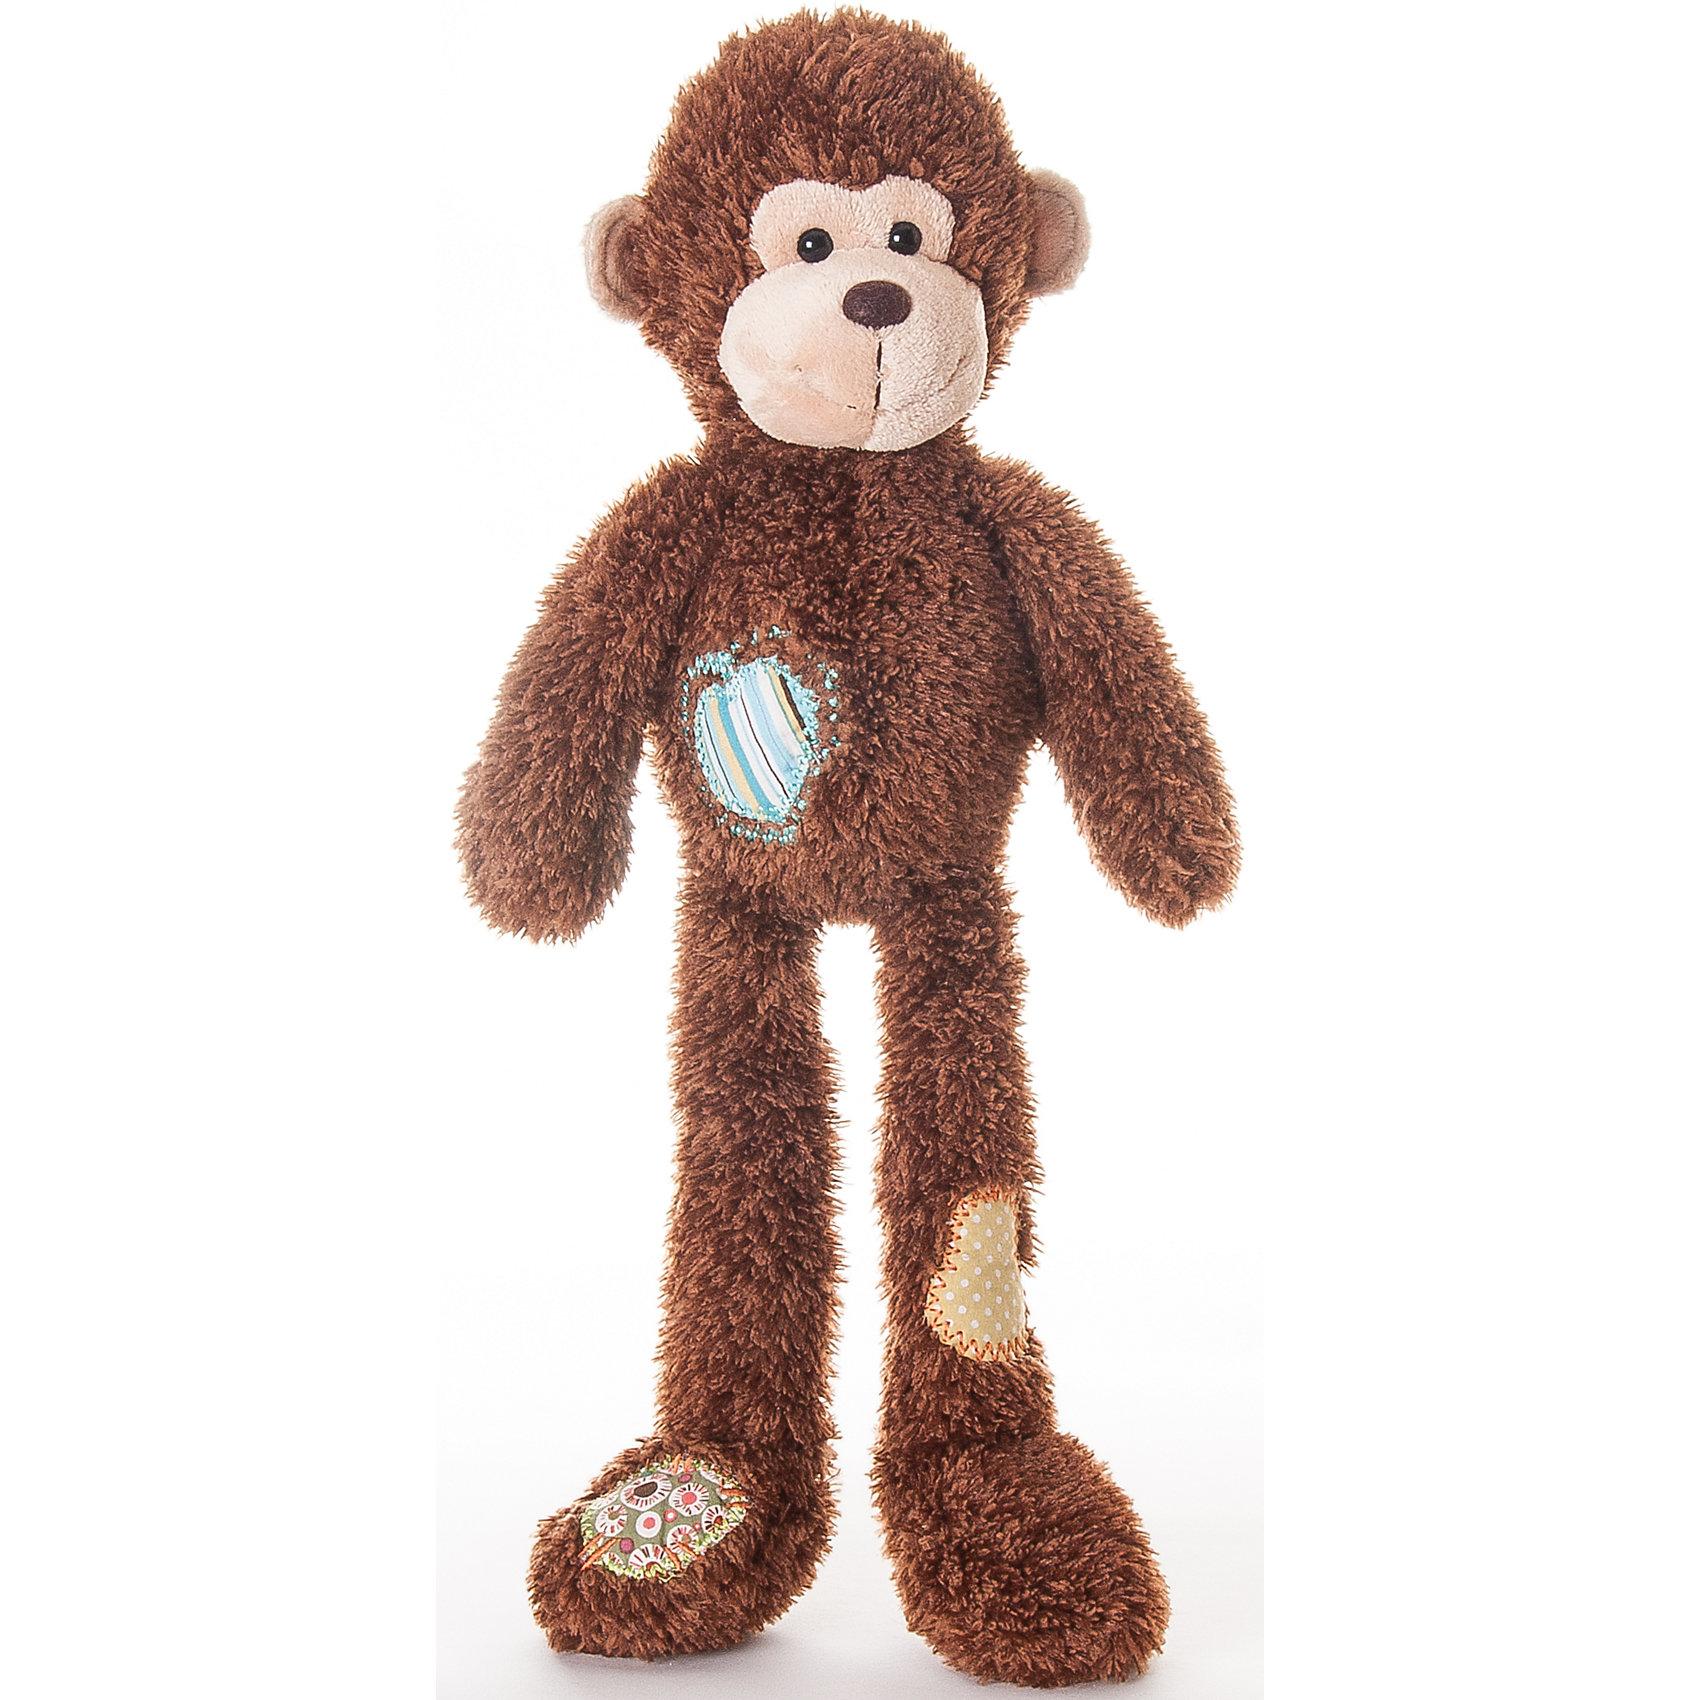 Мягкая игрушка Обезьянка с заплатками, 45 см., AURORAВеселая и очаровательная обезьянка обязательно понравится всем детям, она выглядит очень забавно, у нее торчат ушки, на шерстке яркие заплатки, длинные болтающиеся лапки. Мягкая, приятная на ощупь игрушка выполнена из высококачественных экологичных материалов. Она станет отличным новогодним подарком, ведь 2016 год будет годом «обезьяны».<br><br>Дополнительная информация:<br><br>- Материал: мех, пластик, синтепон.<br>- Размер: 45 см.<br><br>Мягкую игрушку Обезьянку с заплатками, 45 см, AURORA (Аврора) можно купить в нашем магазине.<br><br>Ширина мм: 120<br>Глубина мм: 220<br>Высота мм: 110<br>Вес г: 252<br>Возраст от месяцев: 36<br>Возраст до месяцев: 192<br>Пол: Унисекс<br>Возраст: Детский<br>SKU: 4251461